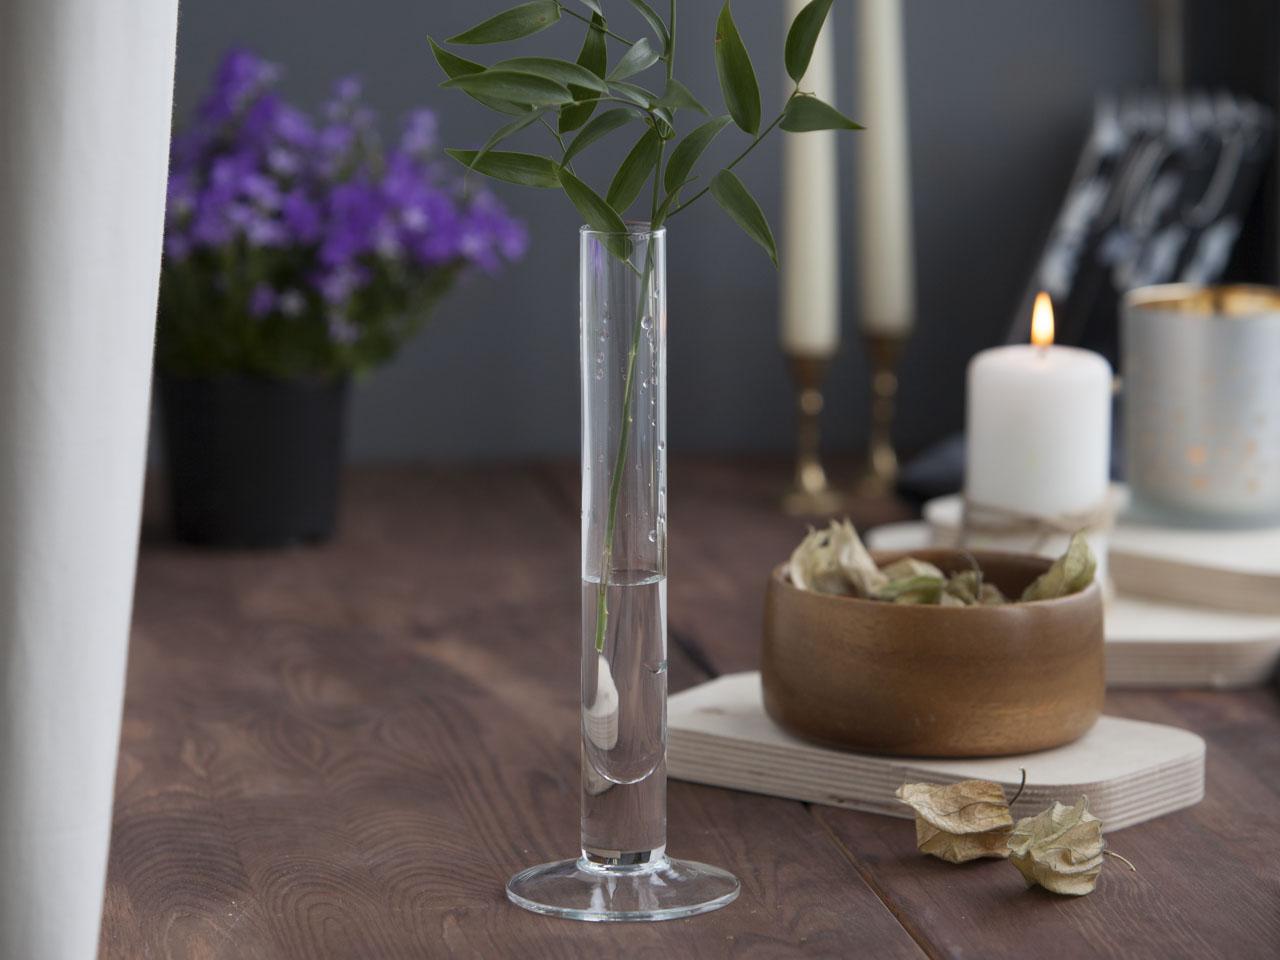 Świecznik ozdobny dekoracyjny szklany / wazon szklany Edwanex Tina 25 cm